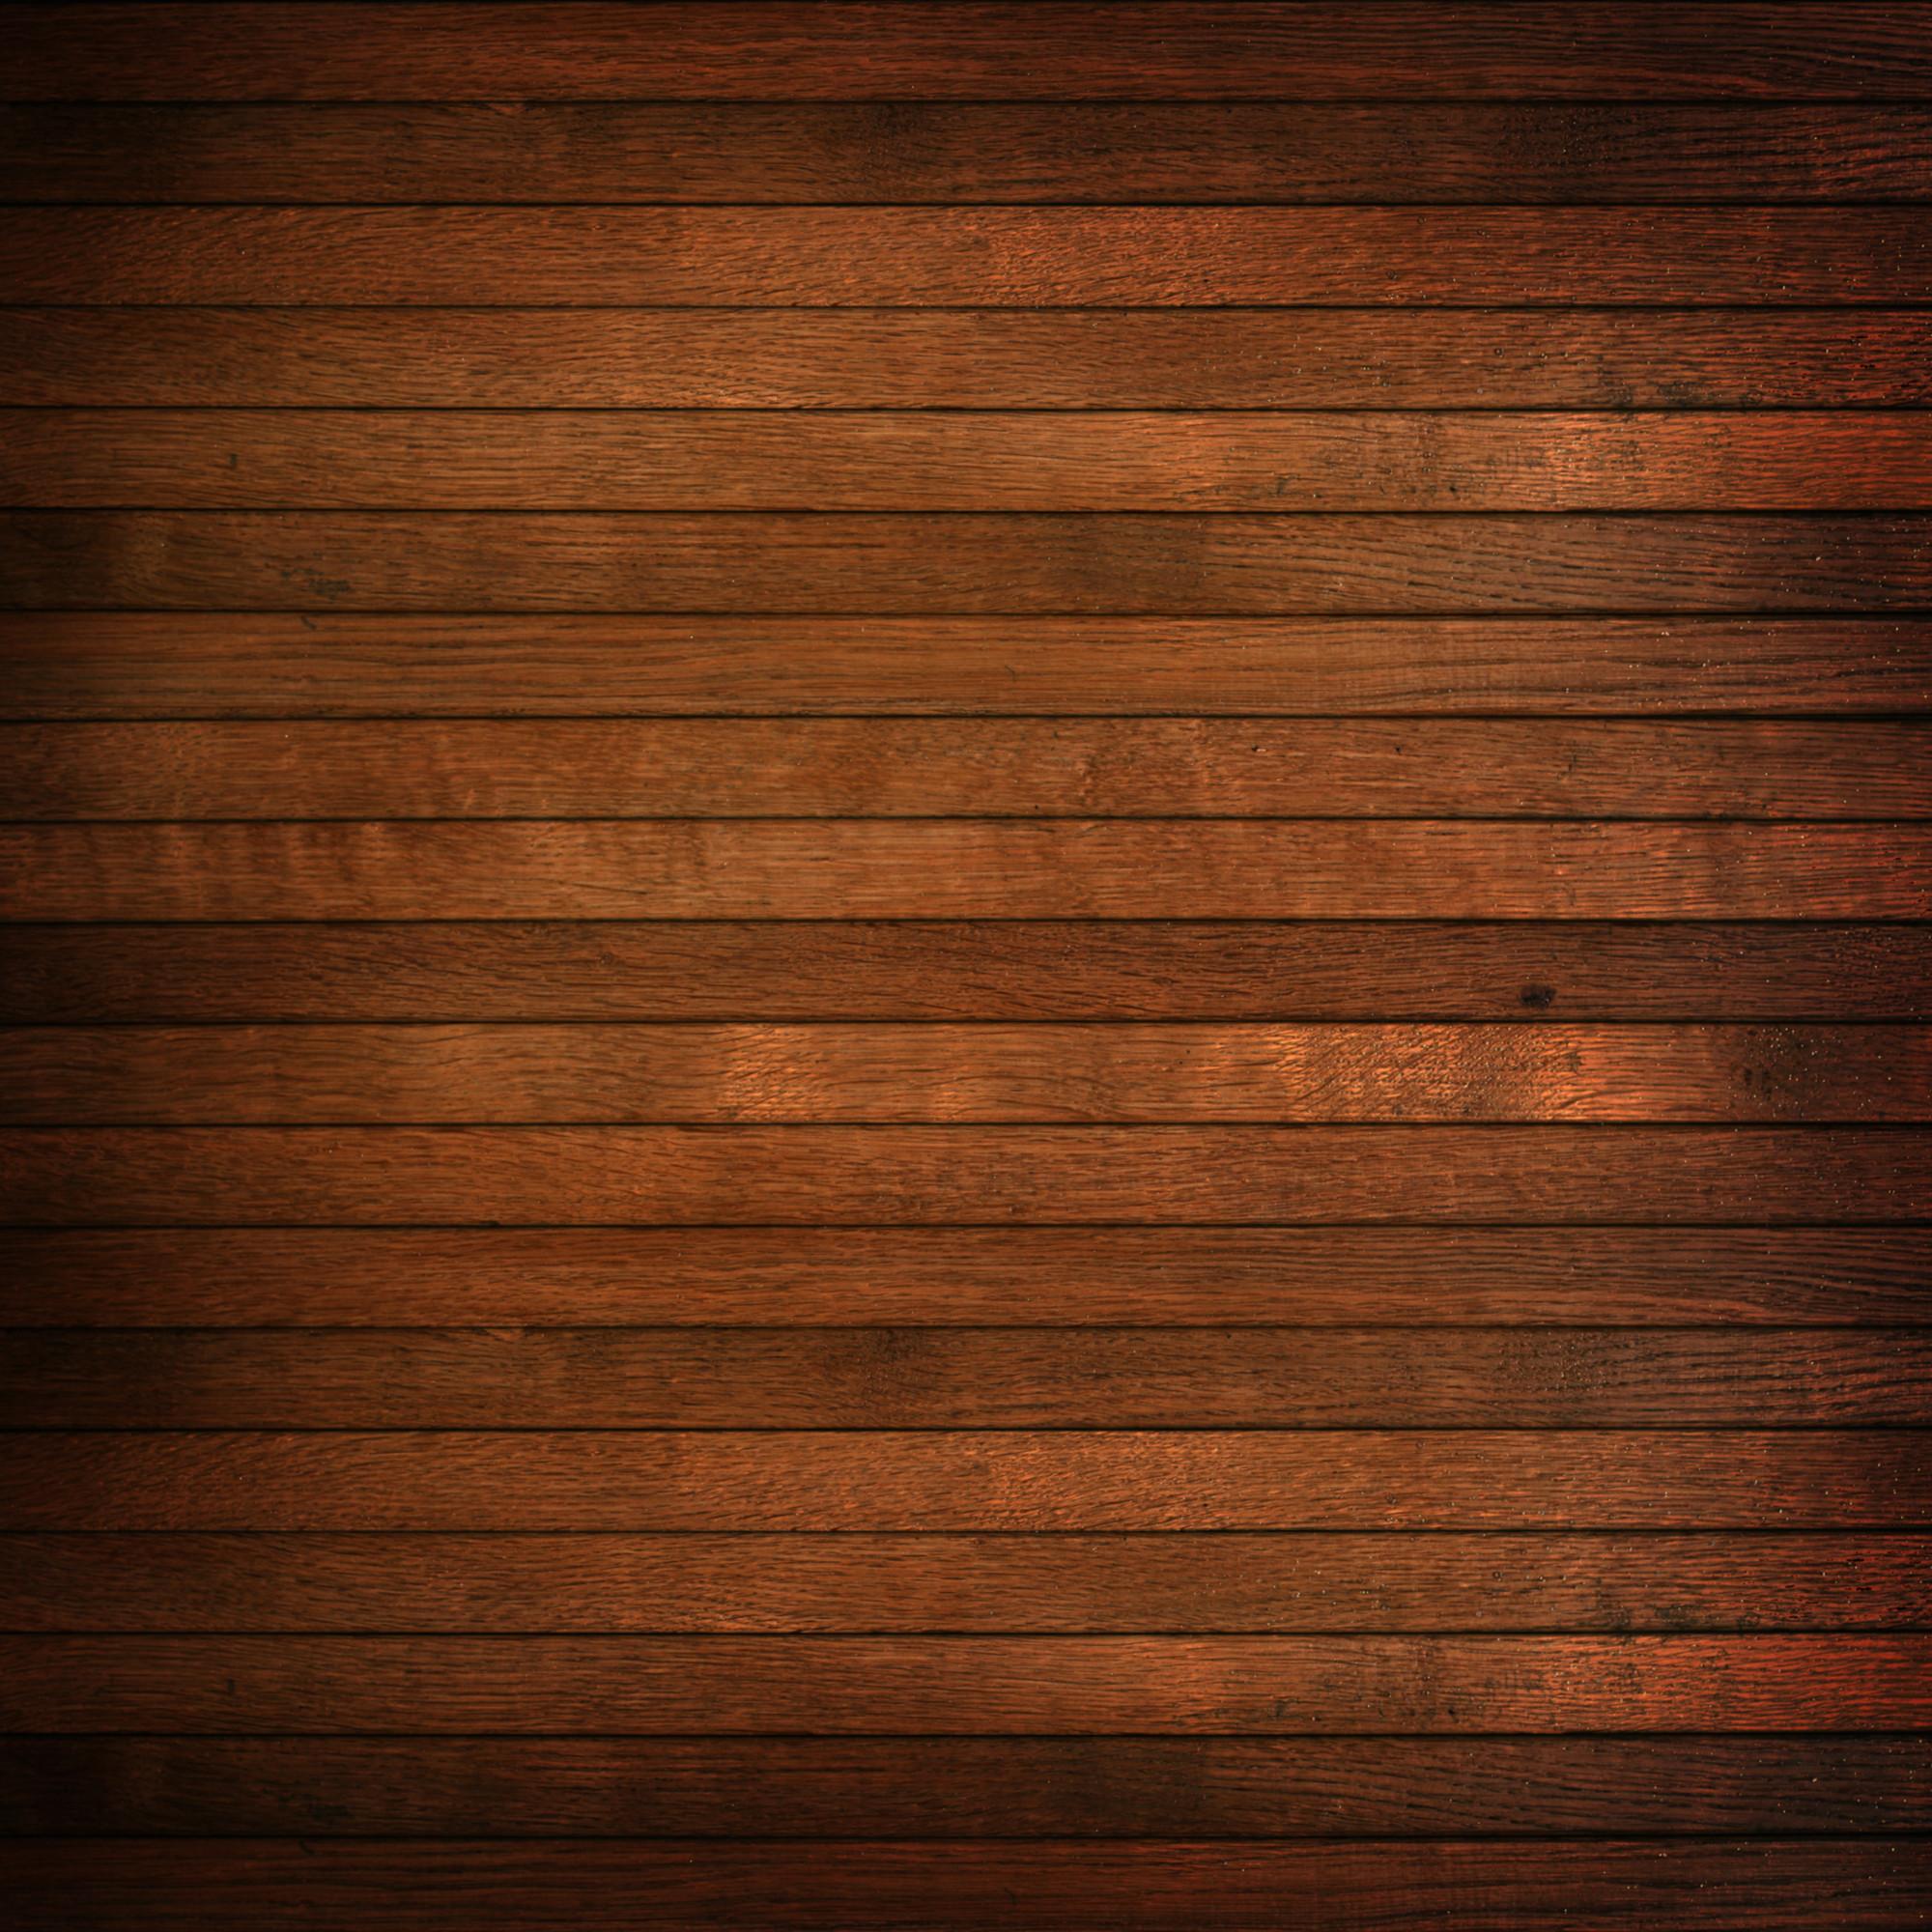 water and vinegar wood floor